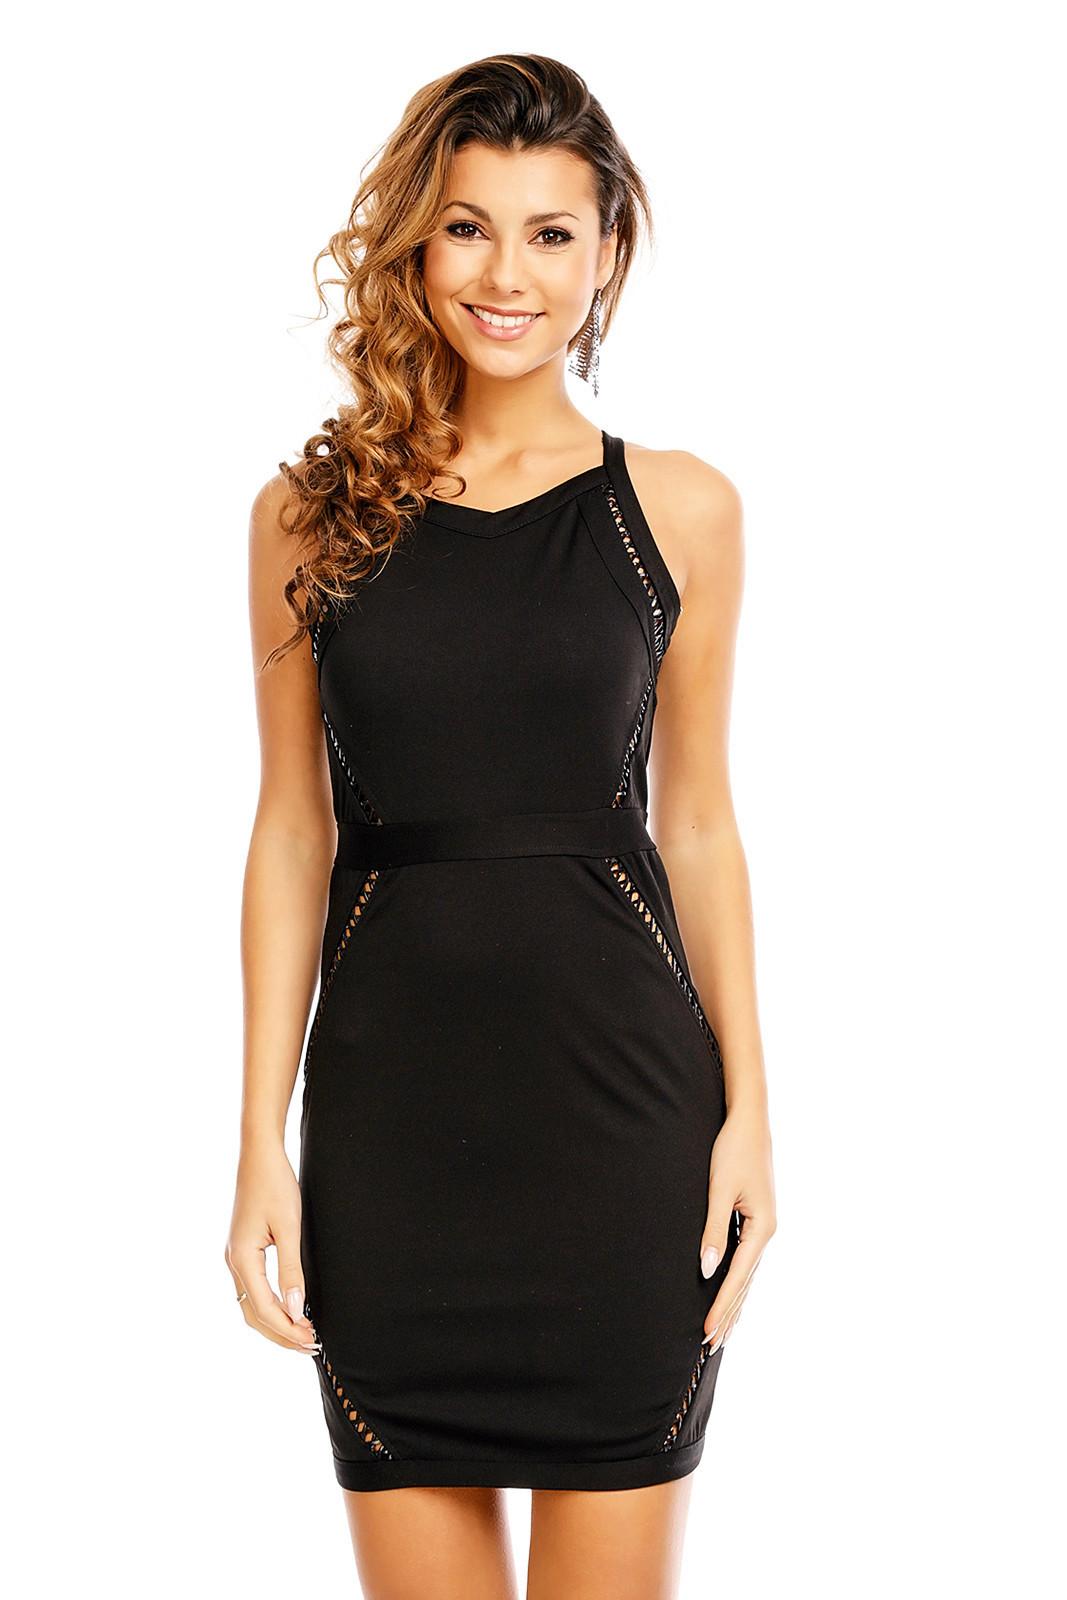 Dámské párty šaty bez rukávů s průstřihy krátké černé - Černá / M - In Vogue černá M